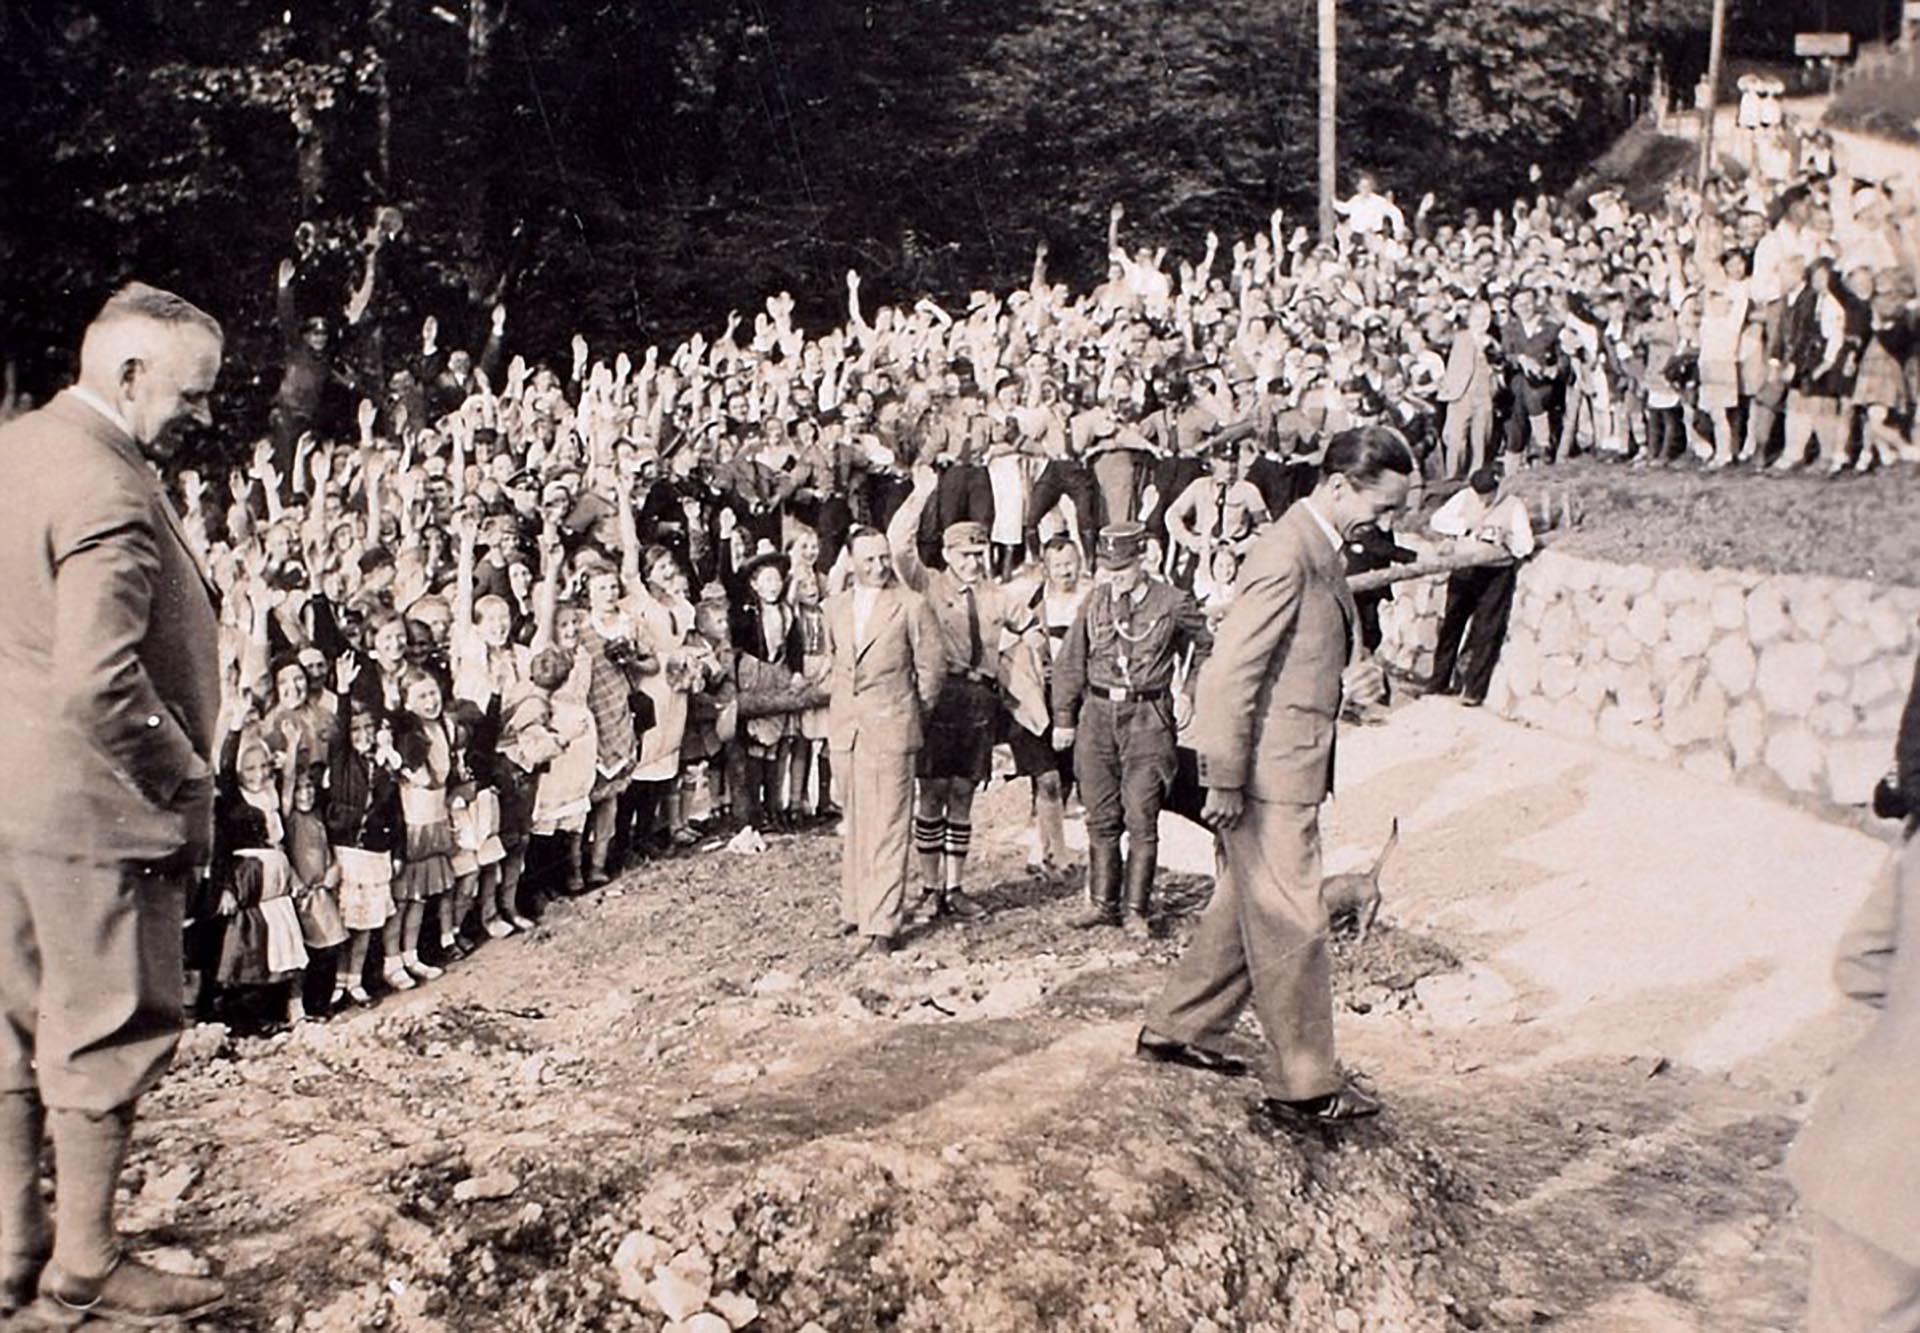 Joseph Goebbels sonríe ante una multitud de niños y mujeres. Fue el diseñador de la máquina propagandística del Tercer Reich